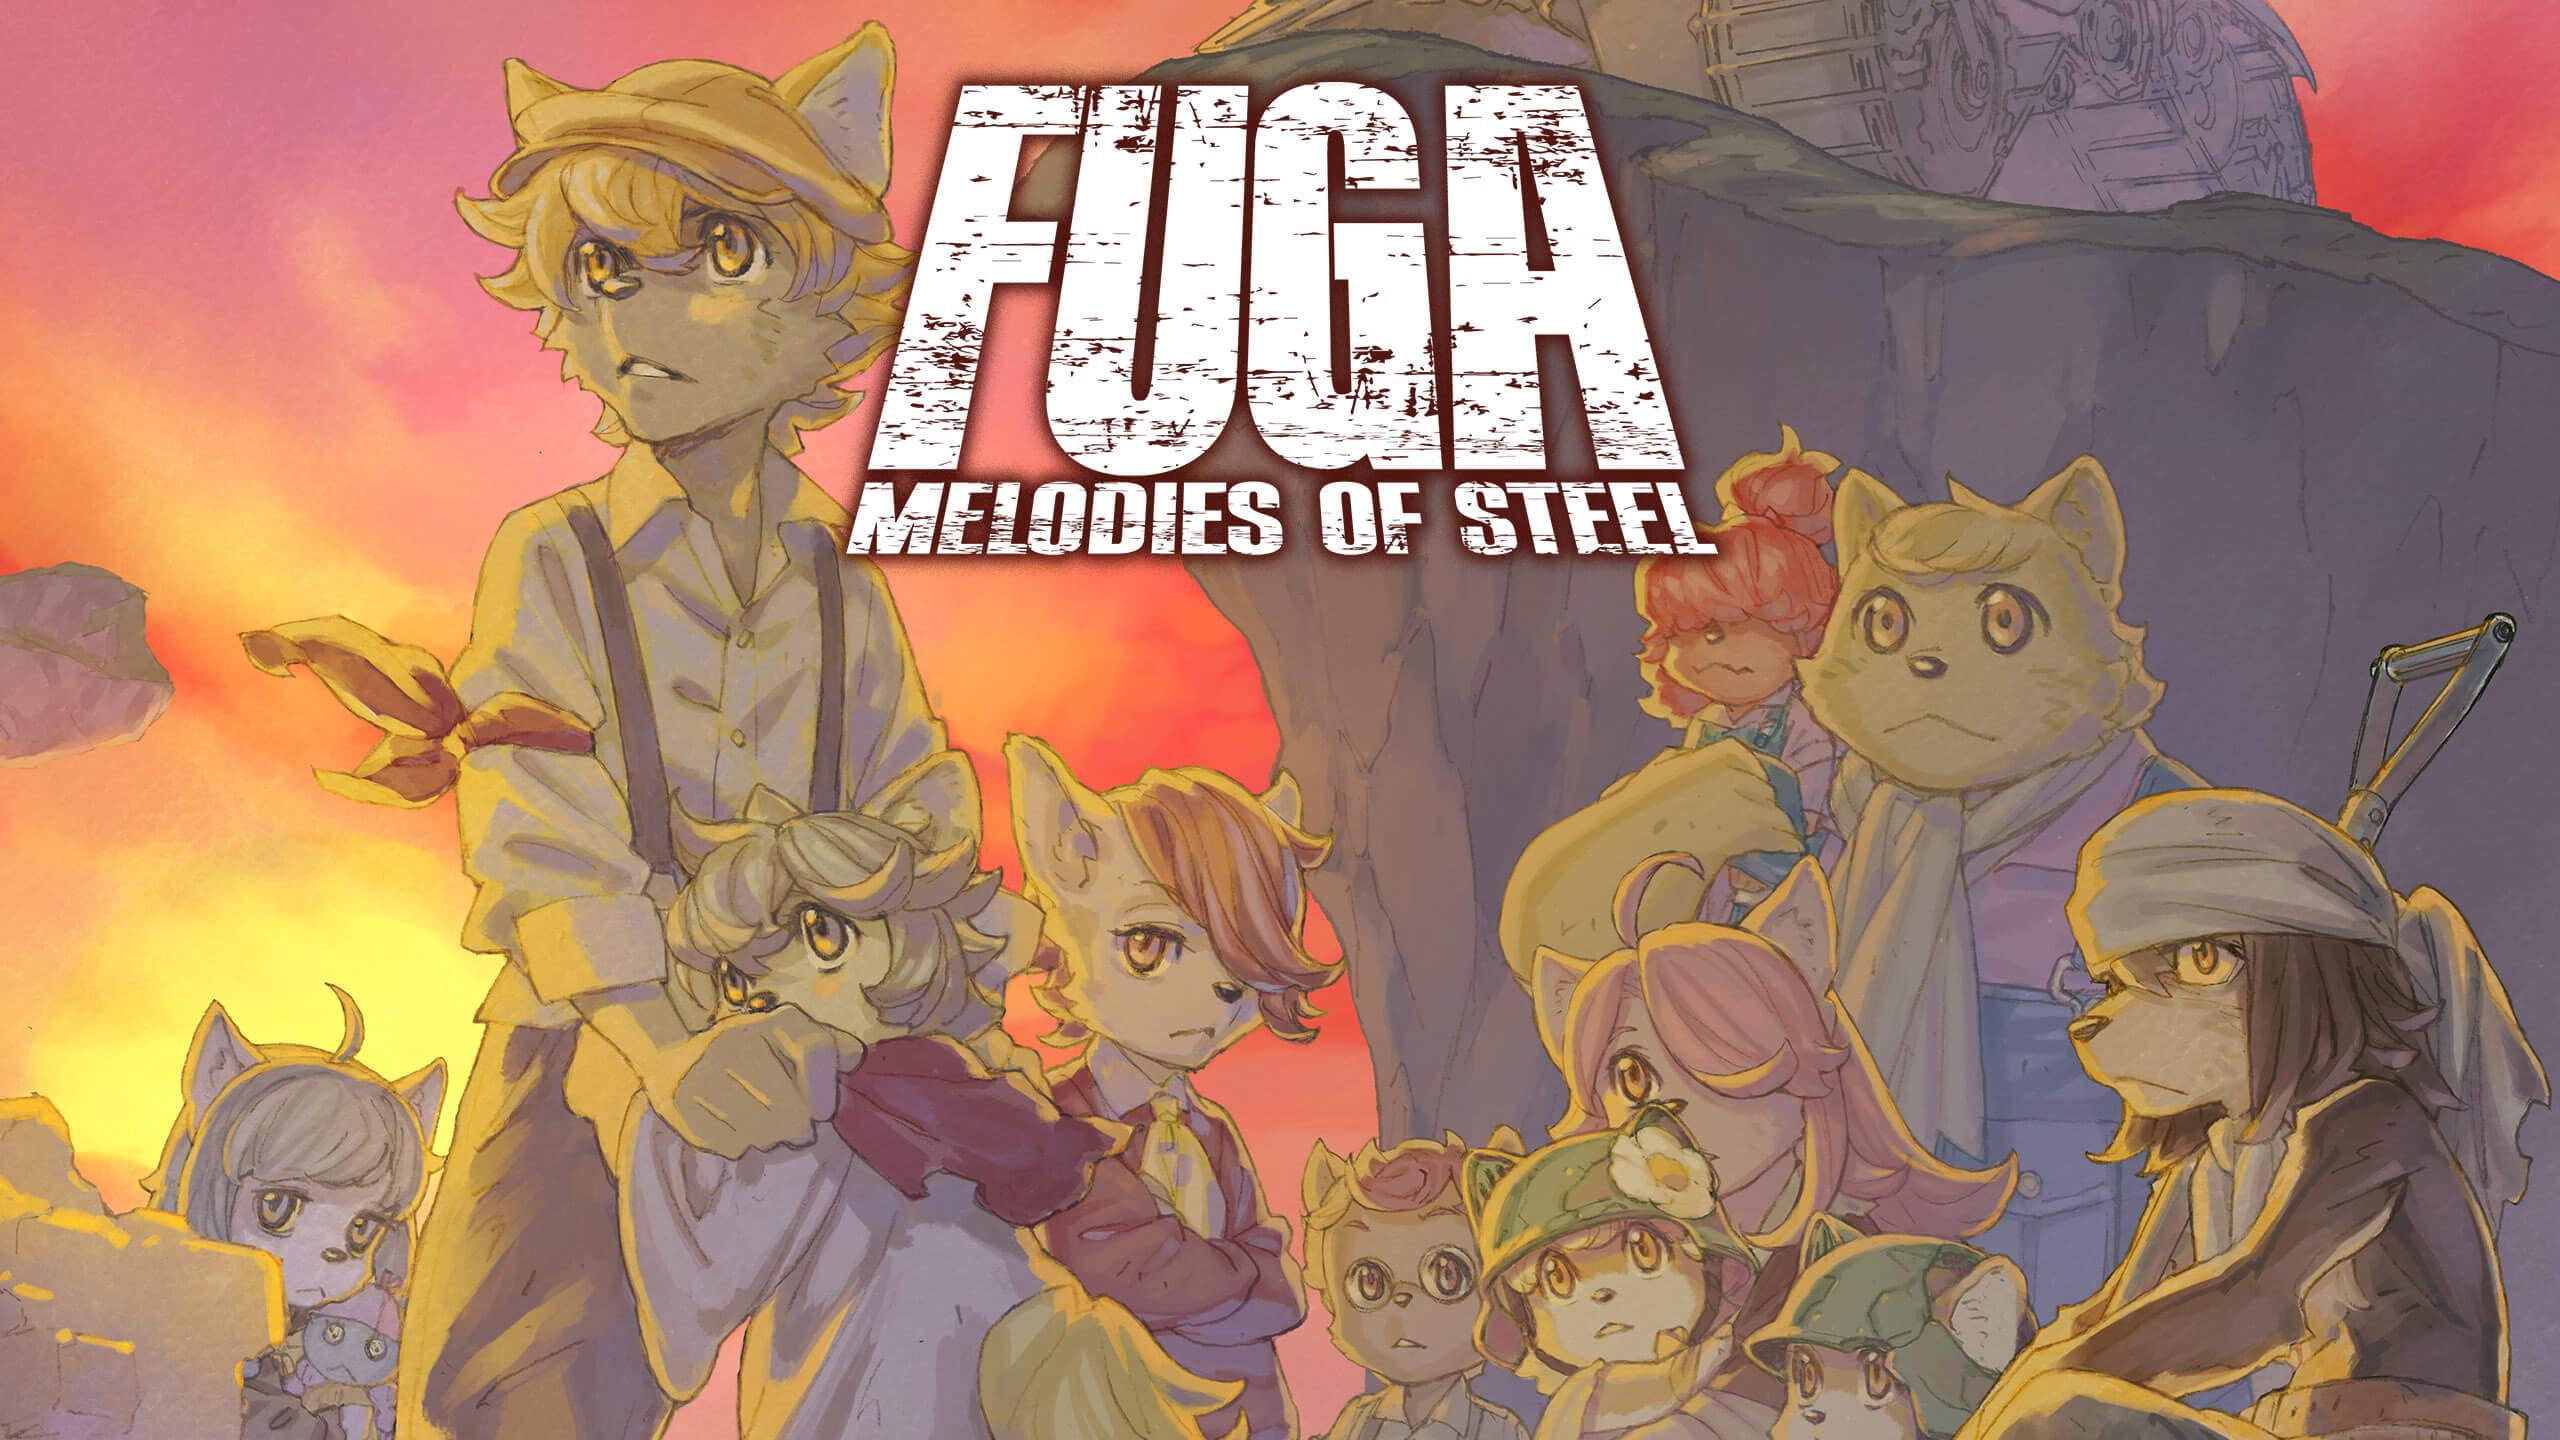 战场的赋格曲(Fuga Melodies of Steel)插图6